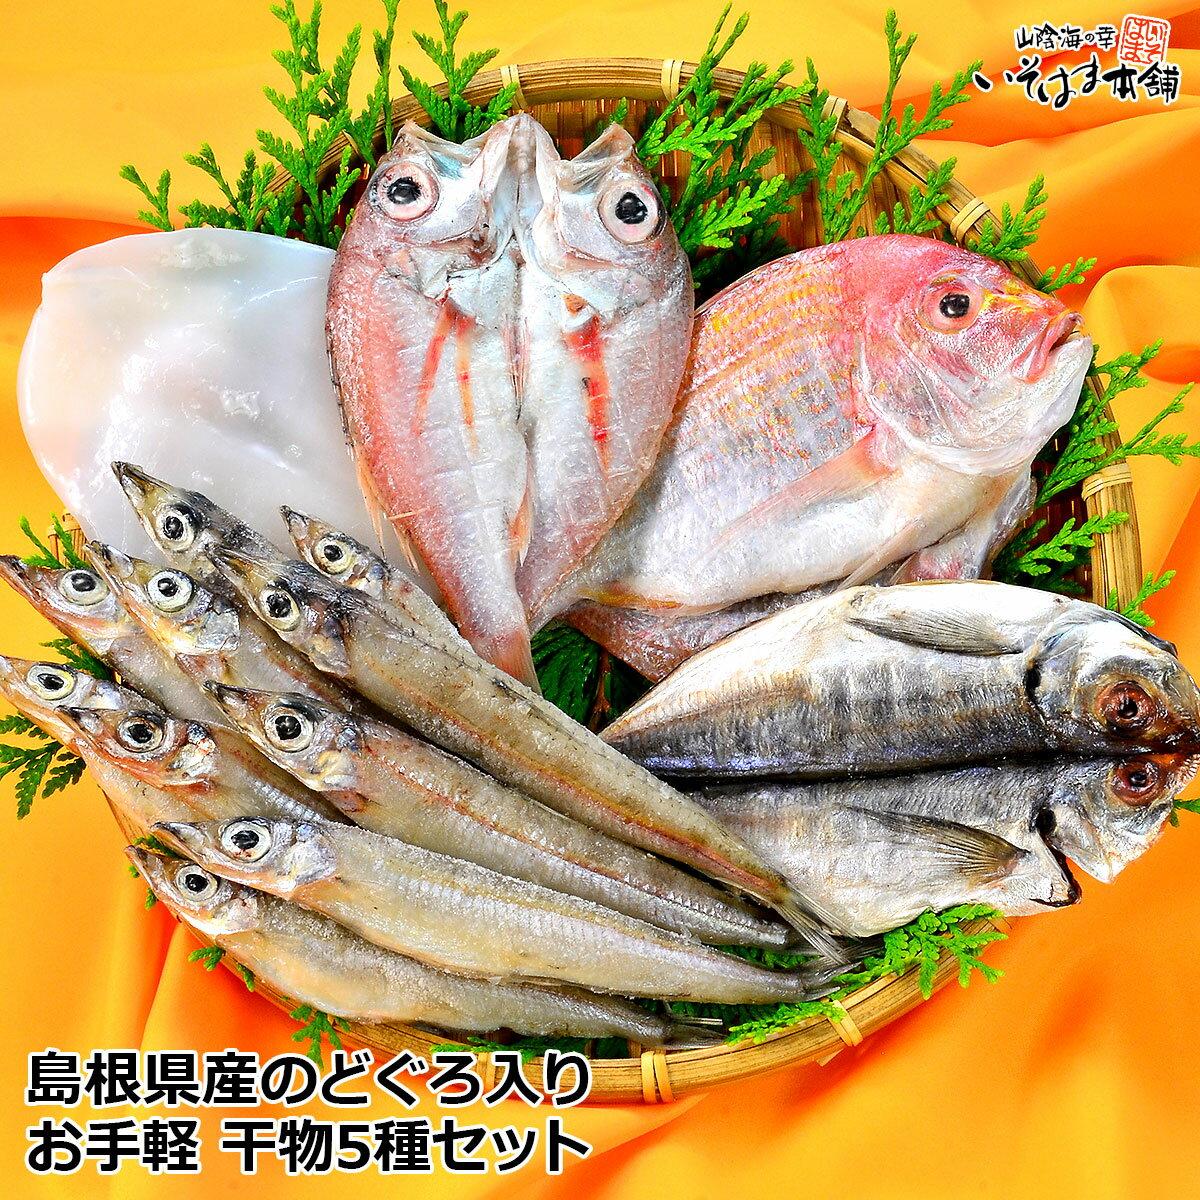 母の日ギフトのどぐろ入り!近海魚 国産干物 お手軽 詰合せ セットのどぐろ ( ノドグロ )・祝い鯛 ( れんこ鯛 )・白いか・沖ぎす・あじセット5種でお届けします。国産 干物 (旬干し) セット送料無料 お誕生日ギフト 父の日 内祝い グルメ ギフト あす楽